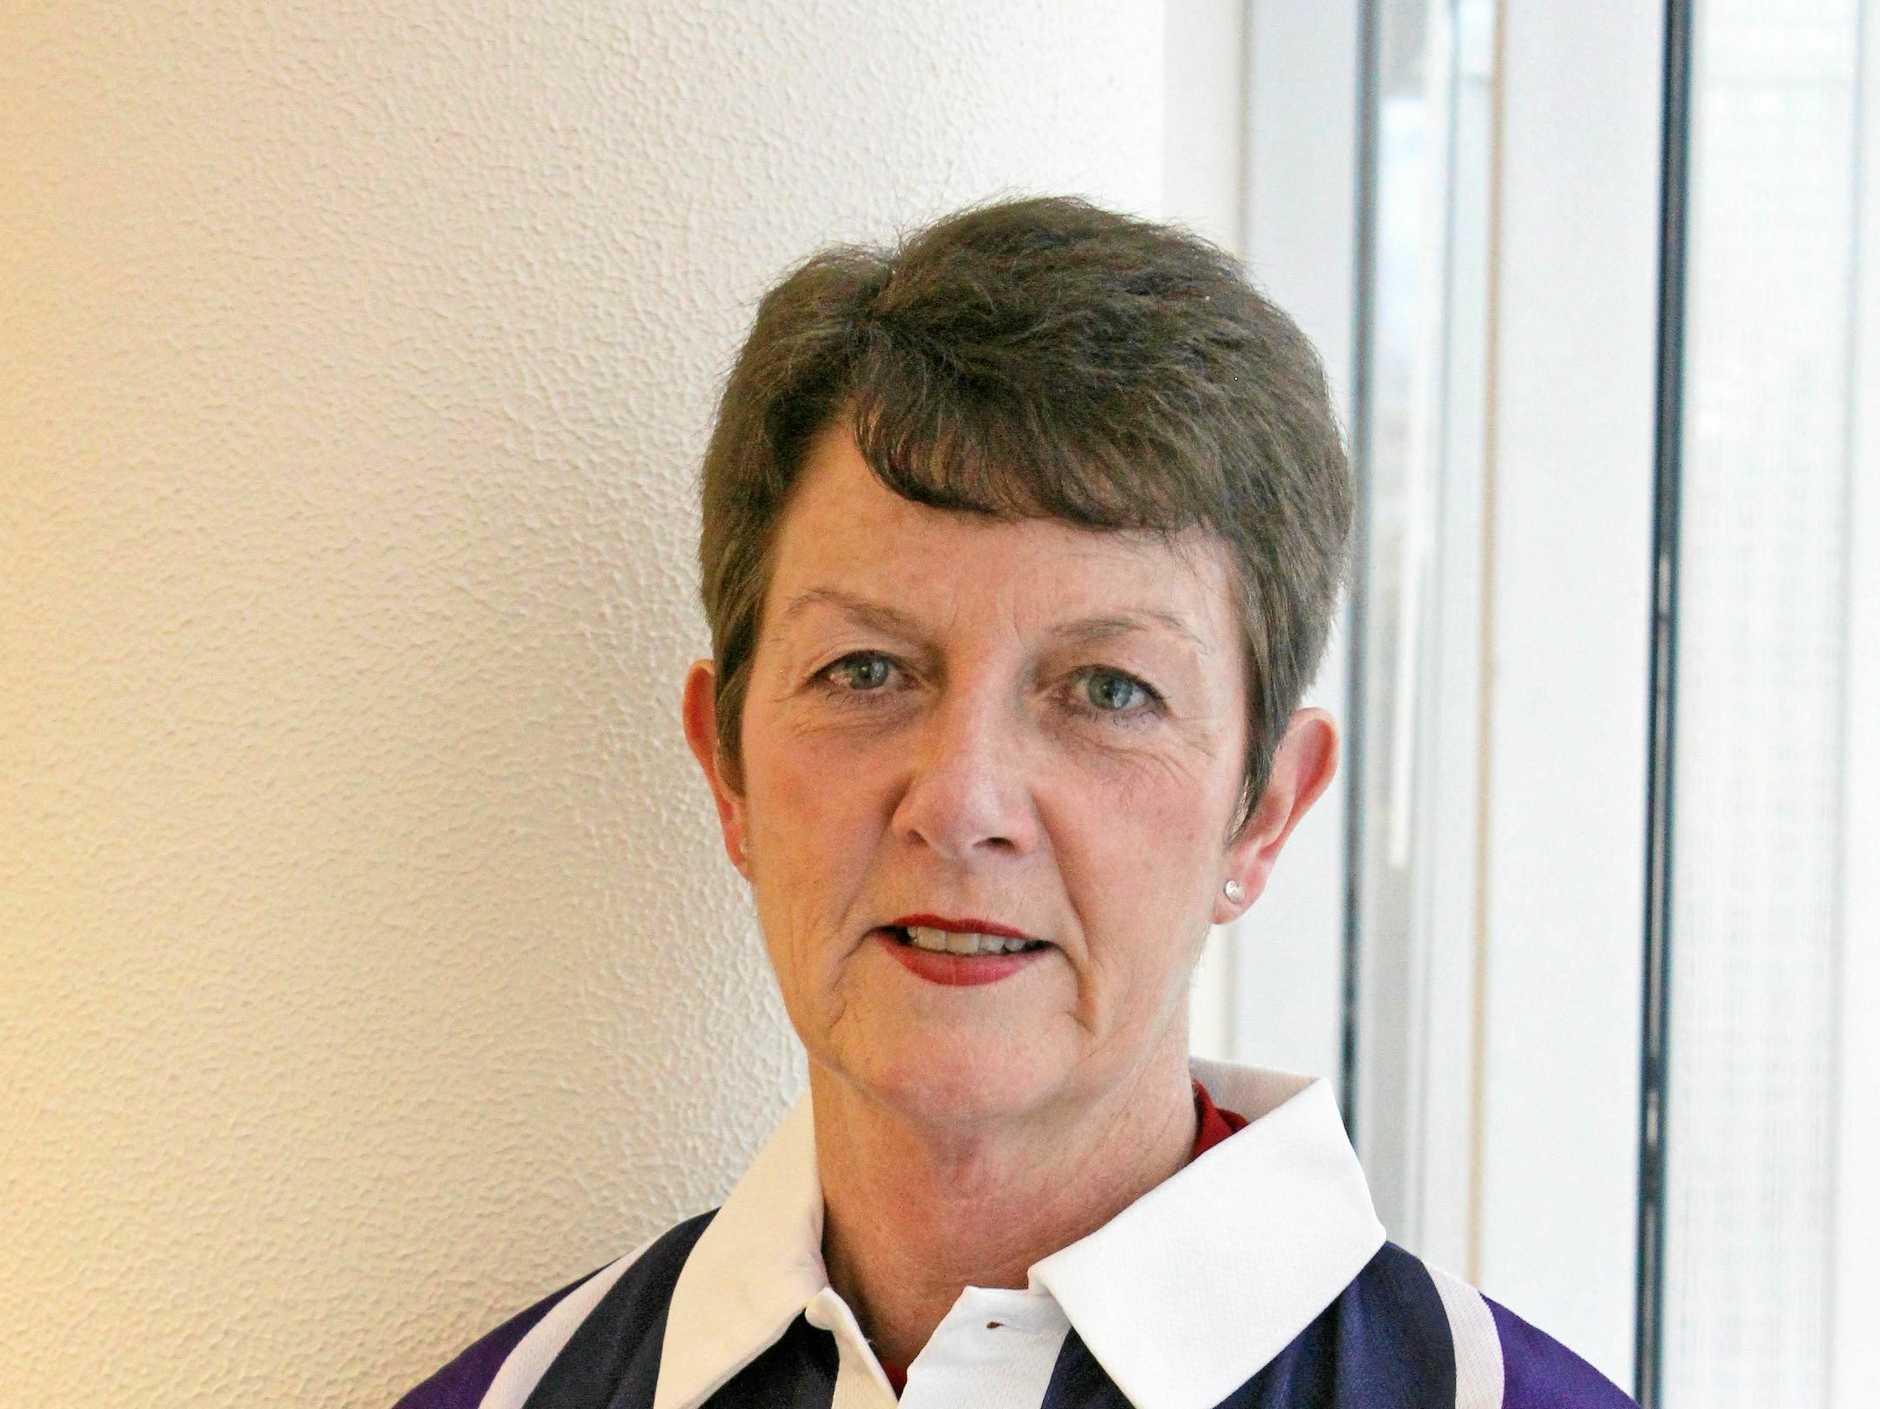 Cancer Council Queensland CEO Chris McMillan